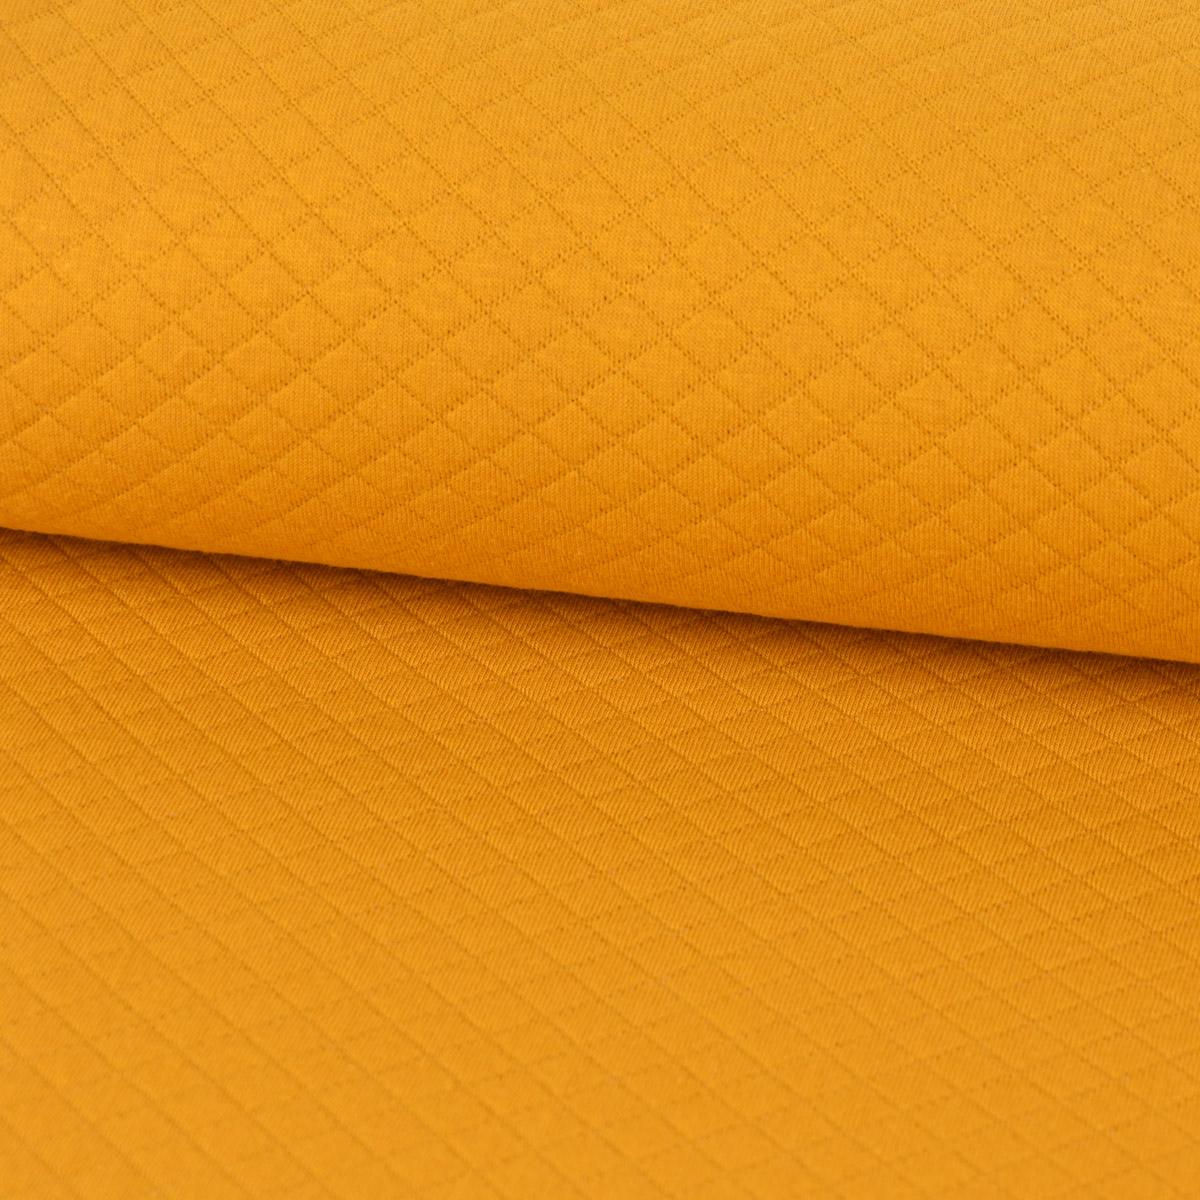 Kreativstoff Sweatstoff einfarbig orange 1,5 m Breite